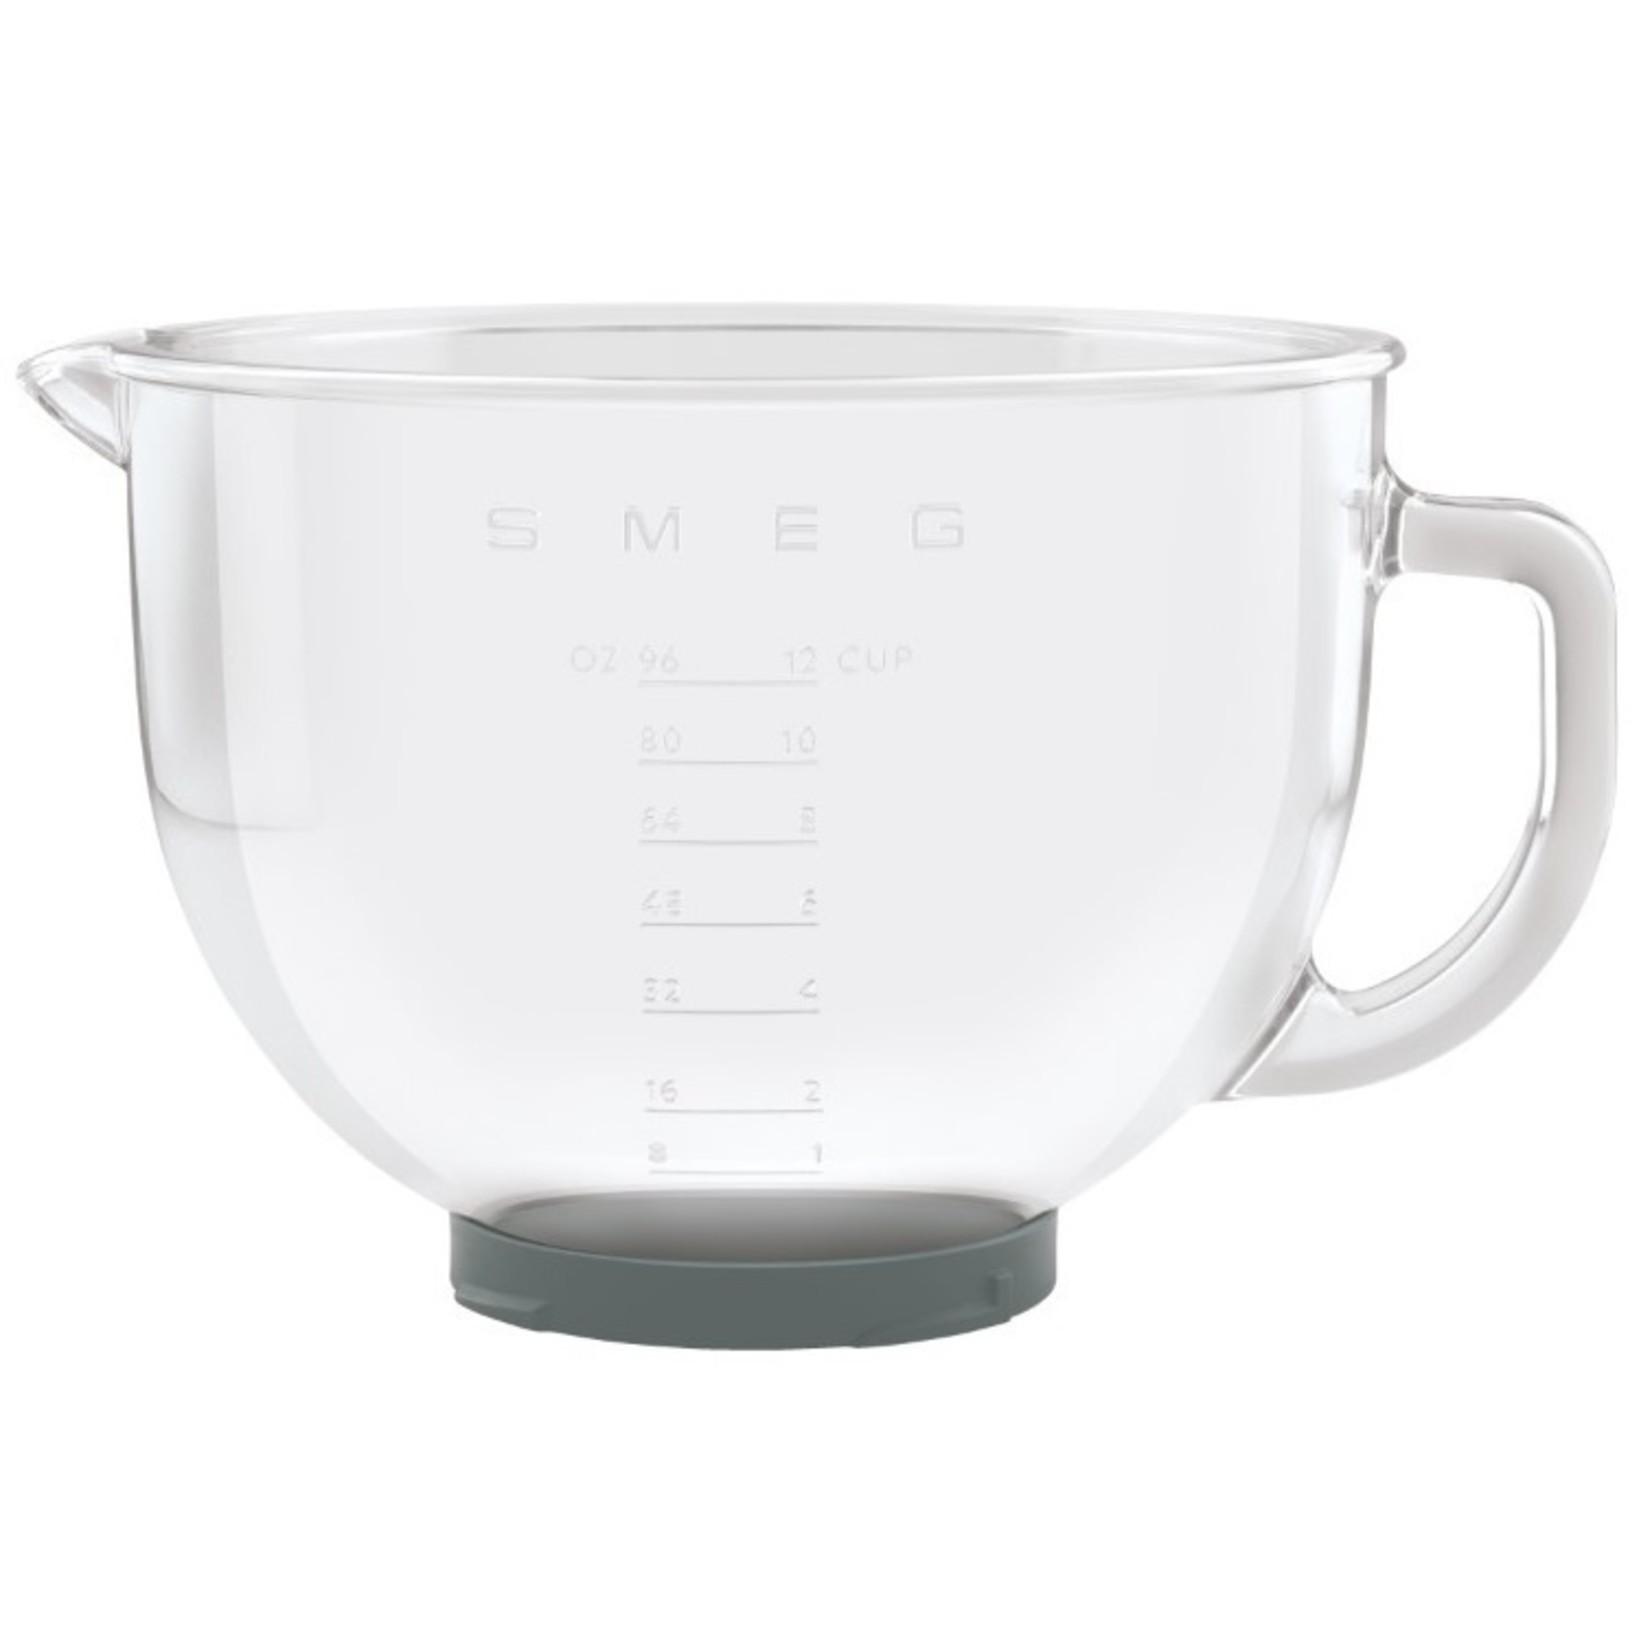 Smeg Smeg SMGB01 glazen mengkom voor keukenmachine